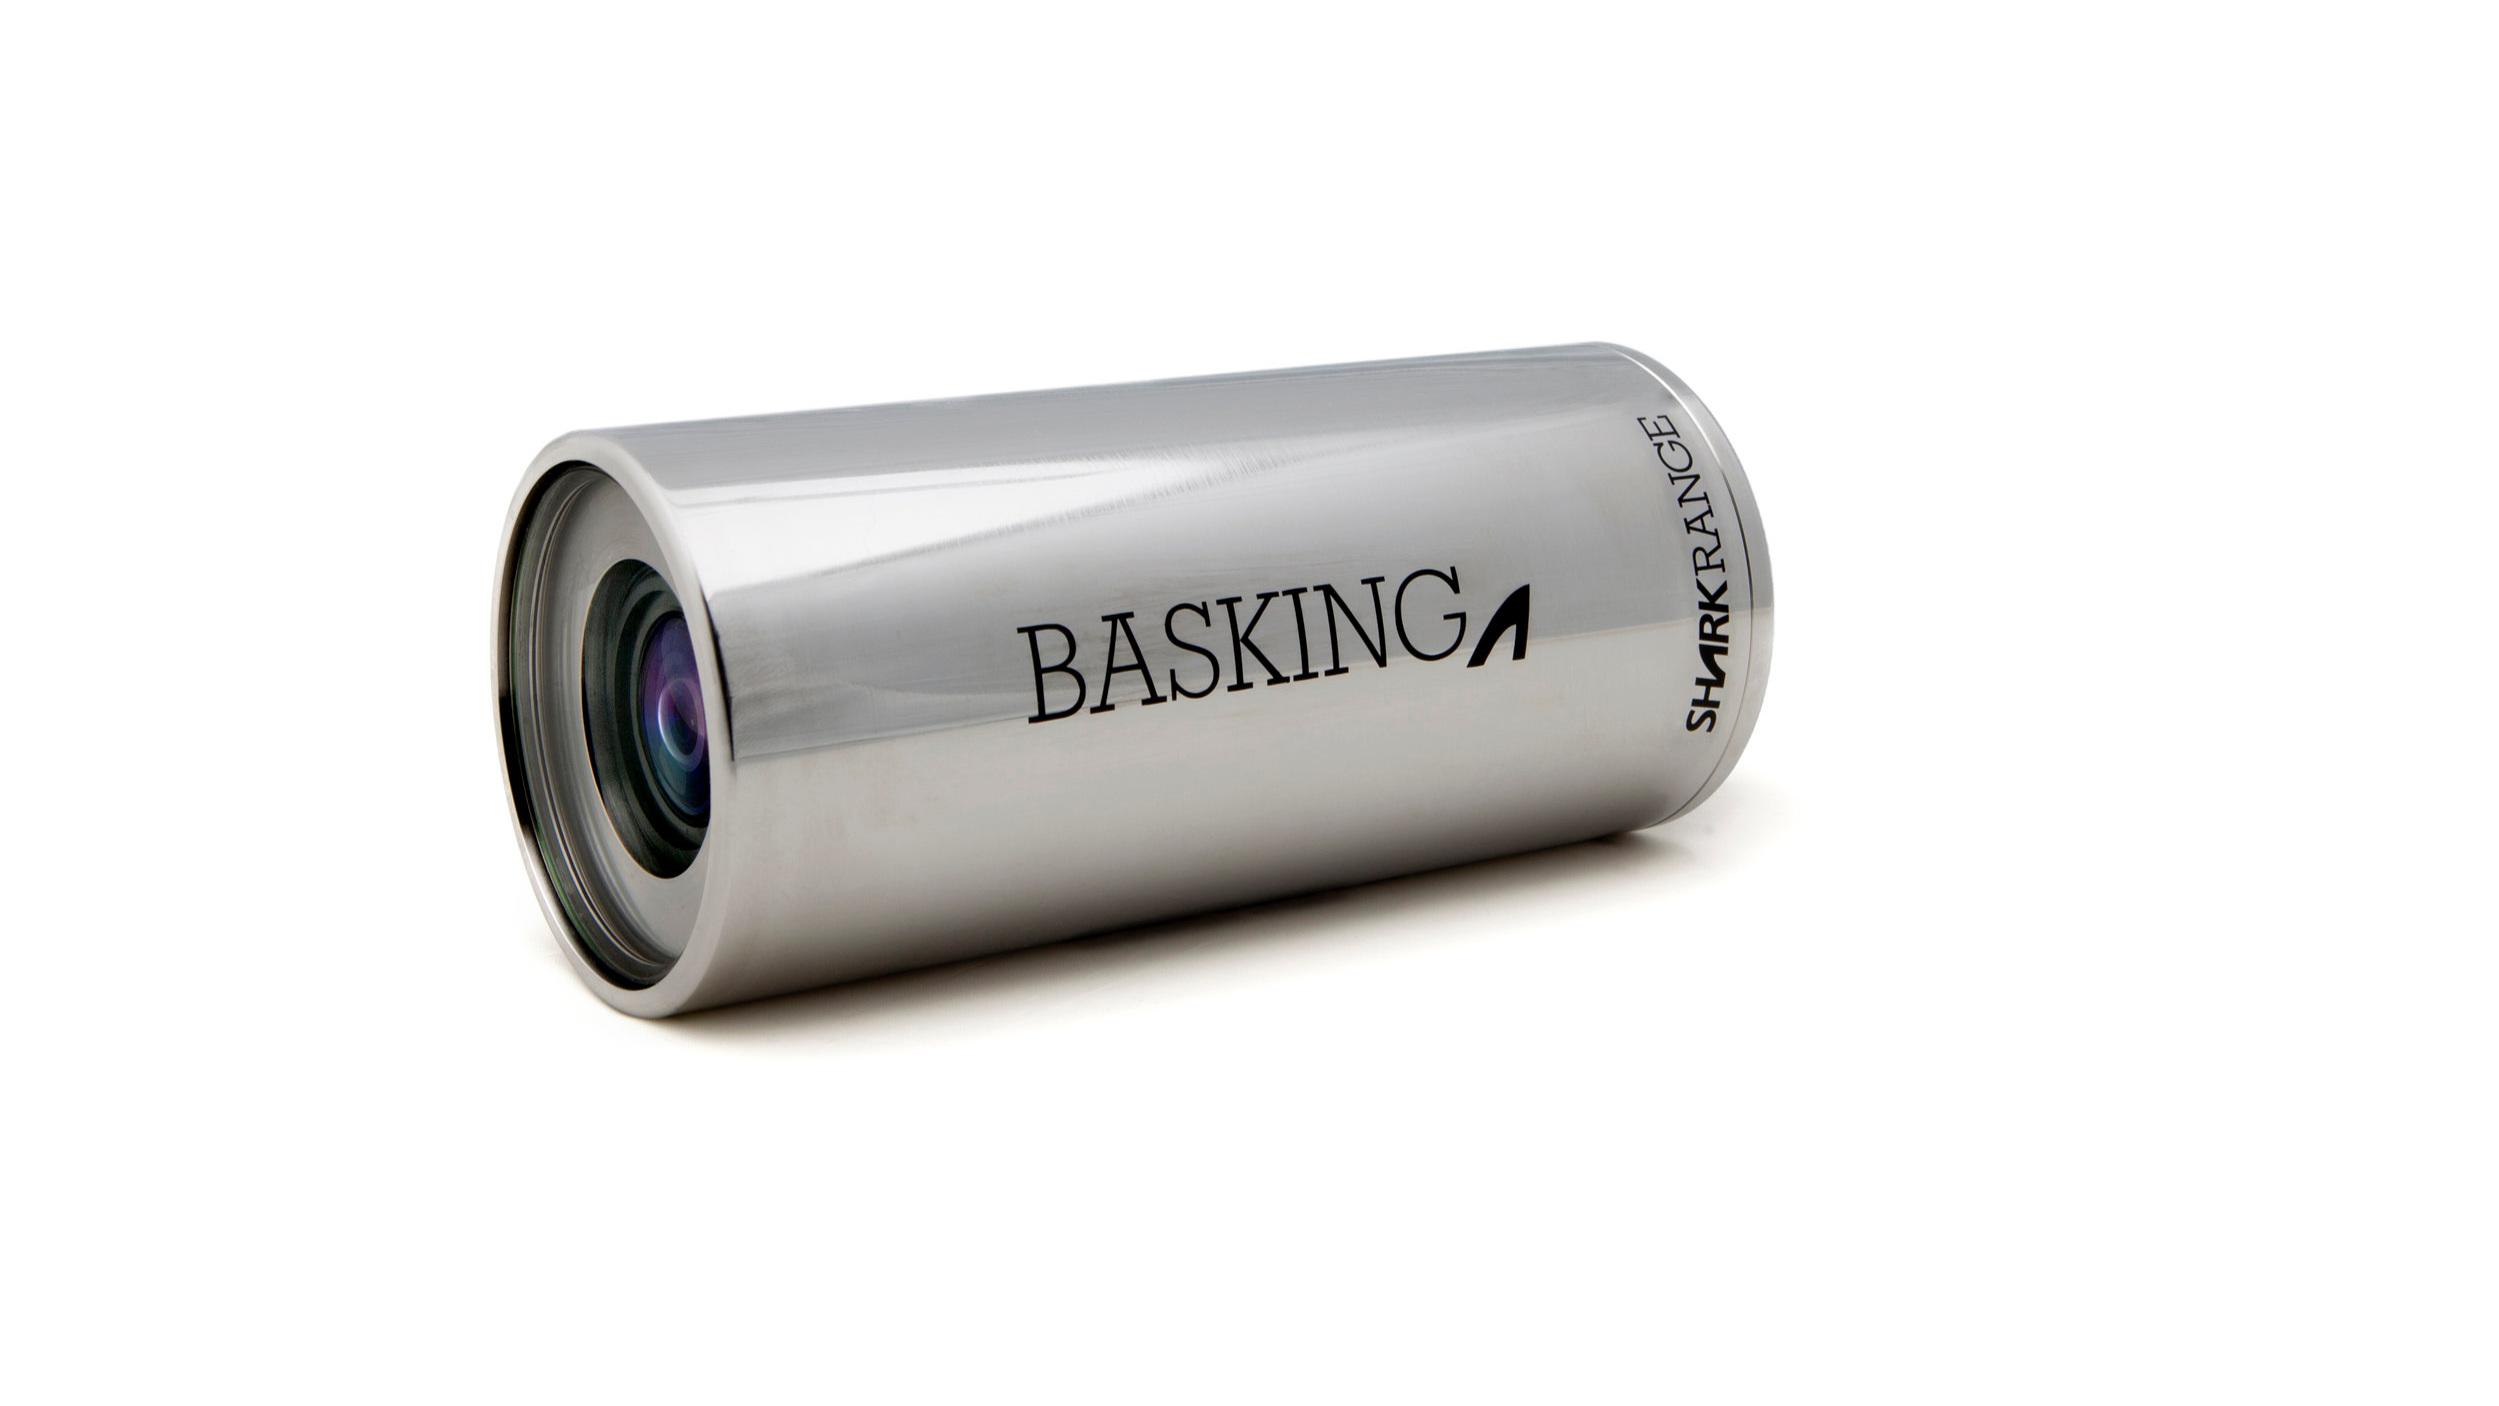 Basking+camera+subsea.jpg